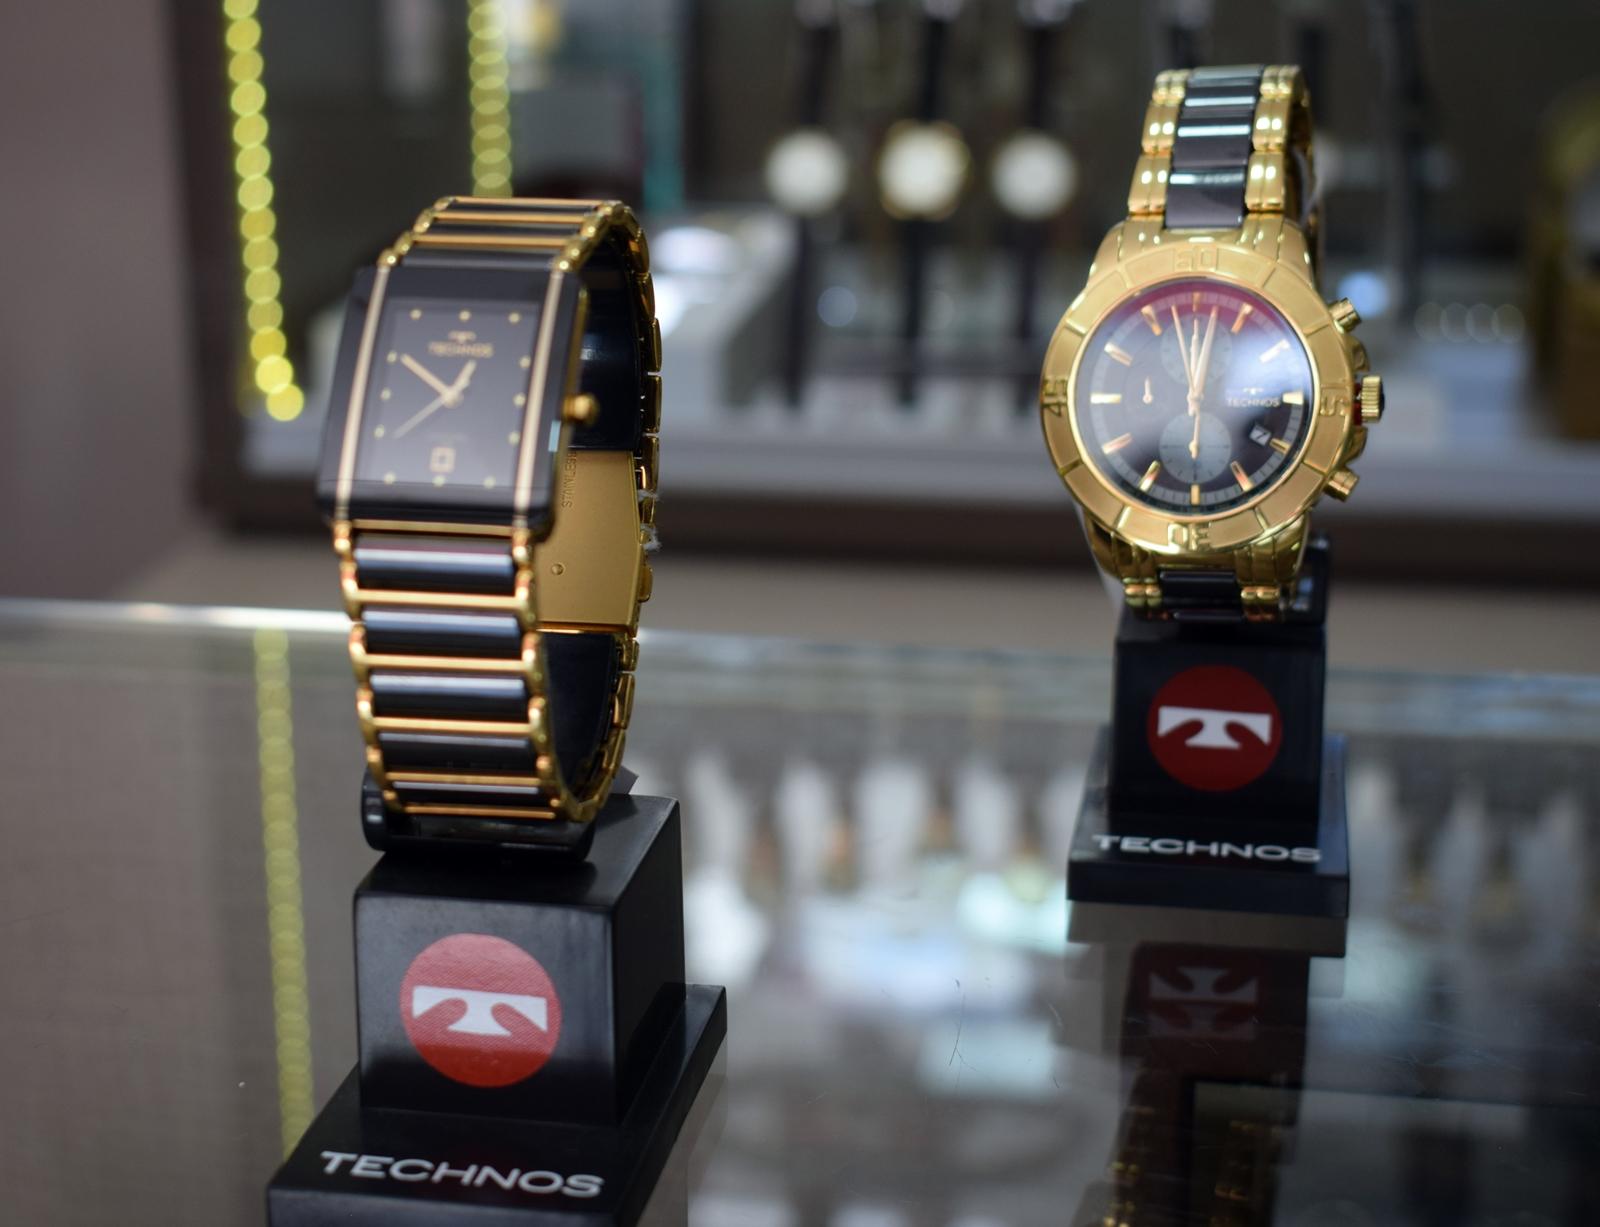 e808c985d6126 Blog Comércio – Loja HB Joias e Relógios realiza aniversário de 2 ...